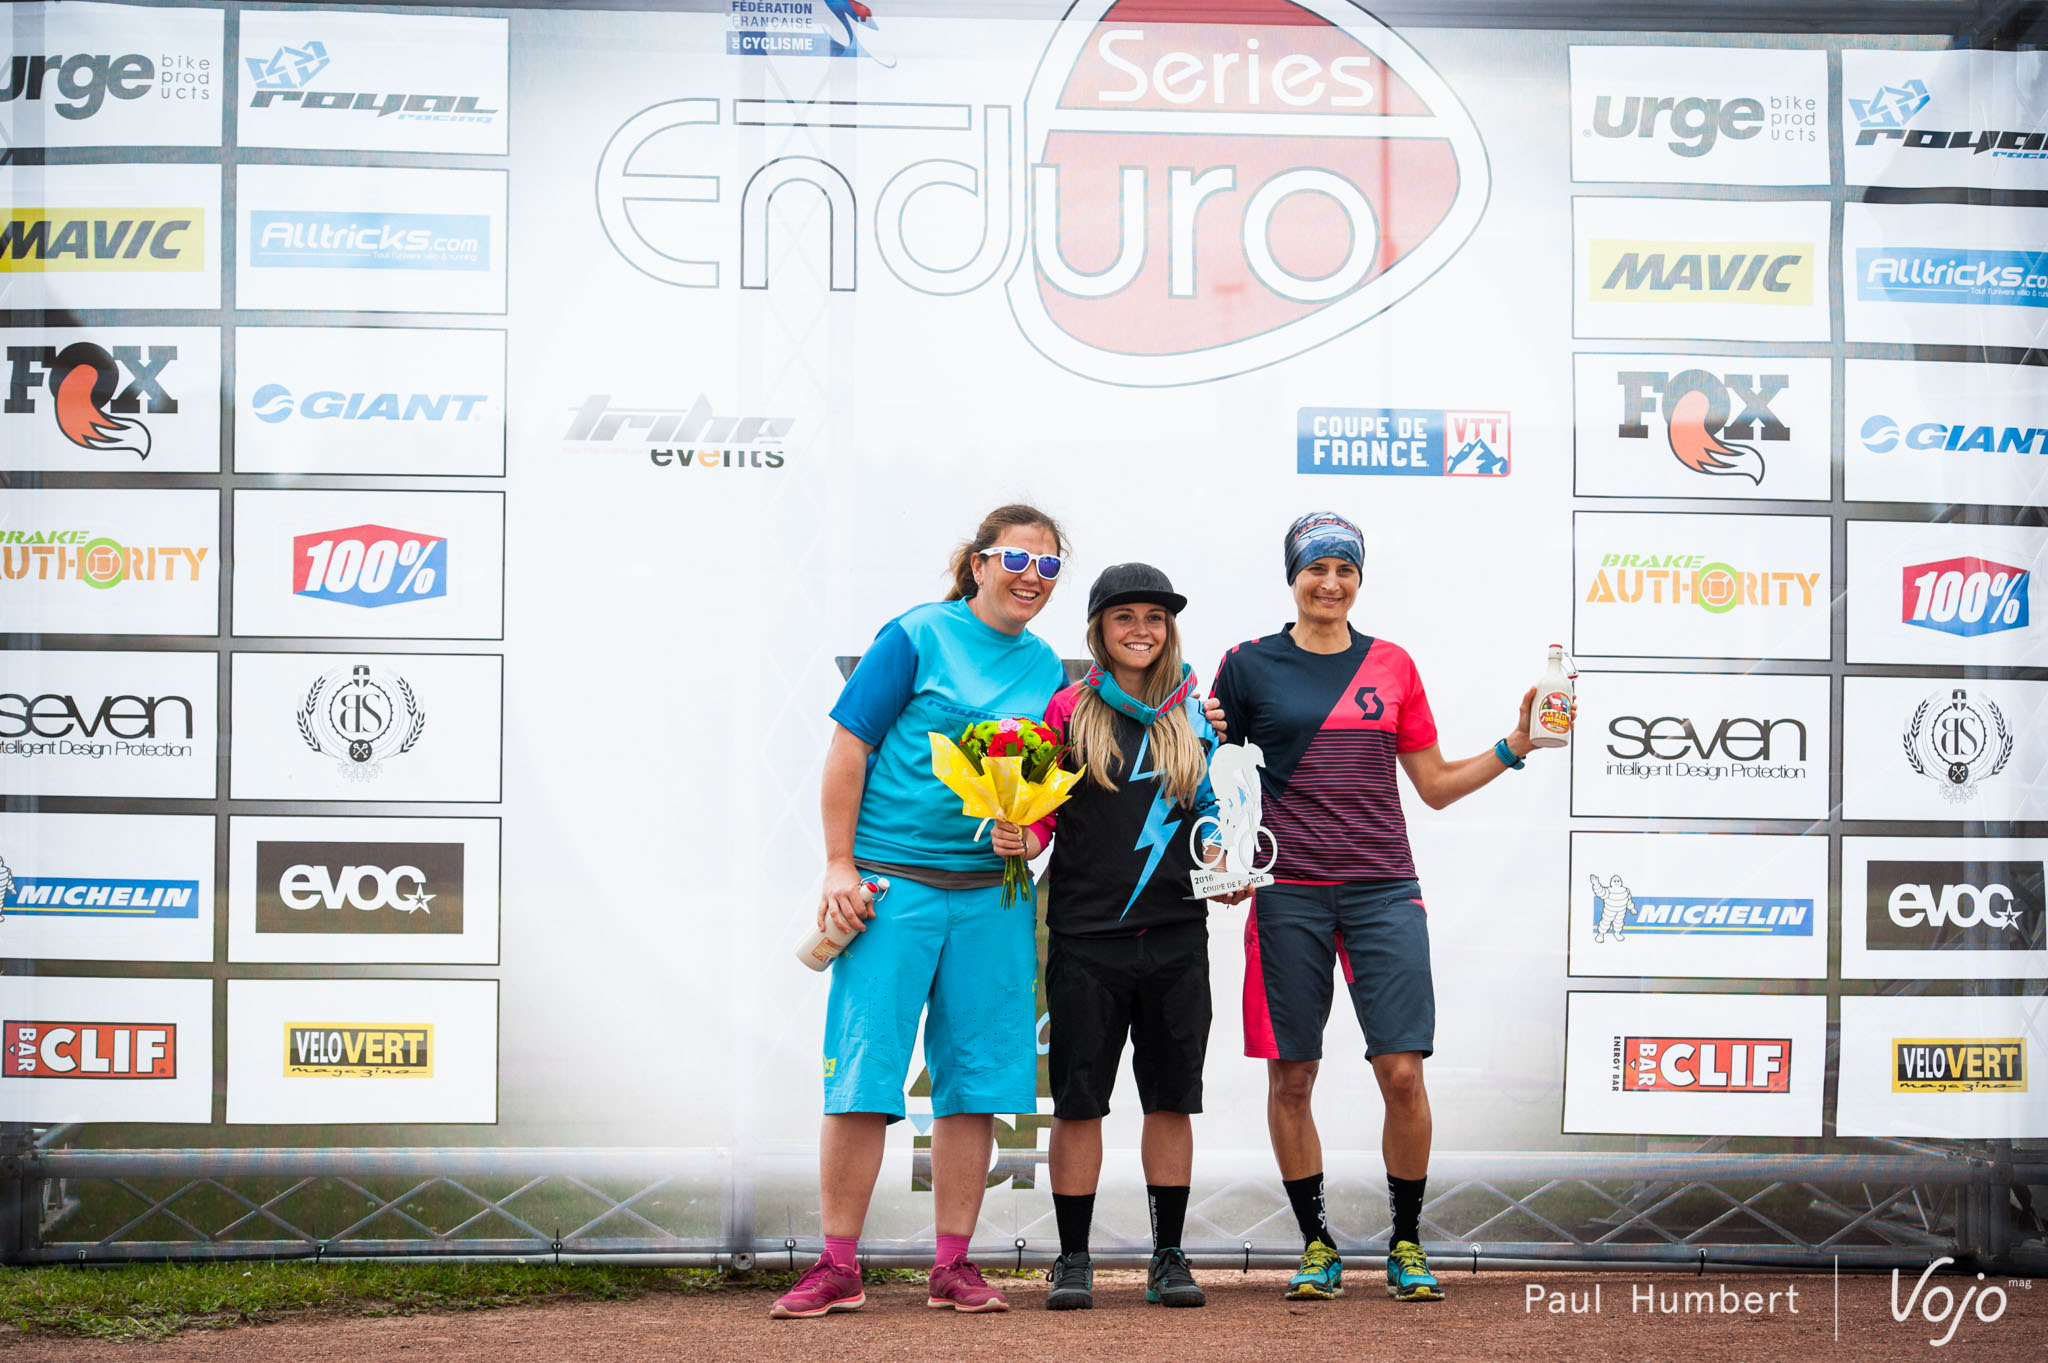 Raon-l-etape-vojo-2016-paul-humbert-12